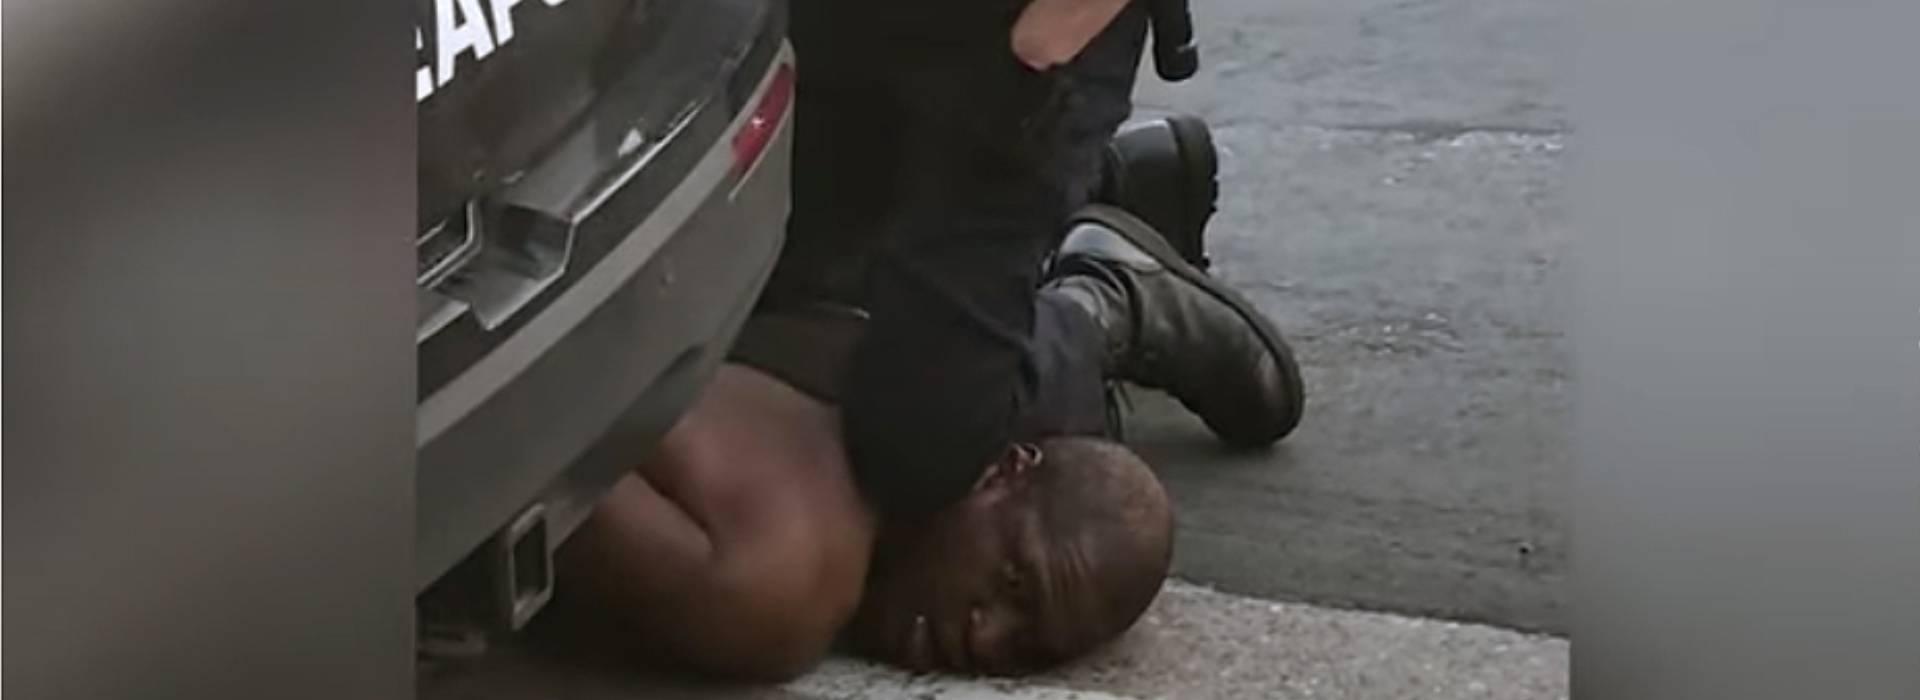 """""""Non riesco a respirare"""", la tragica fine di George Floyd, ucciso da un poliziotto"""